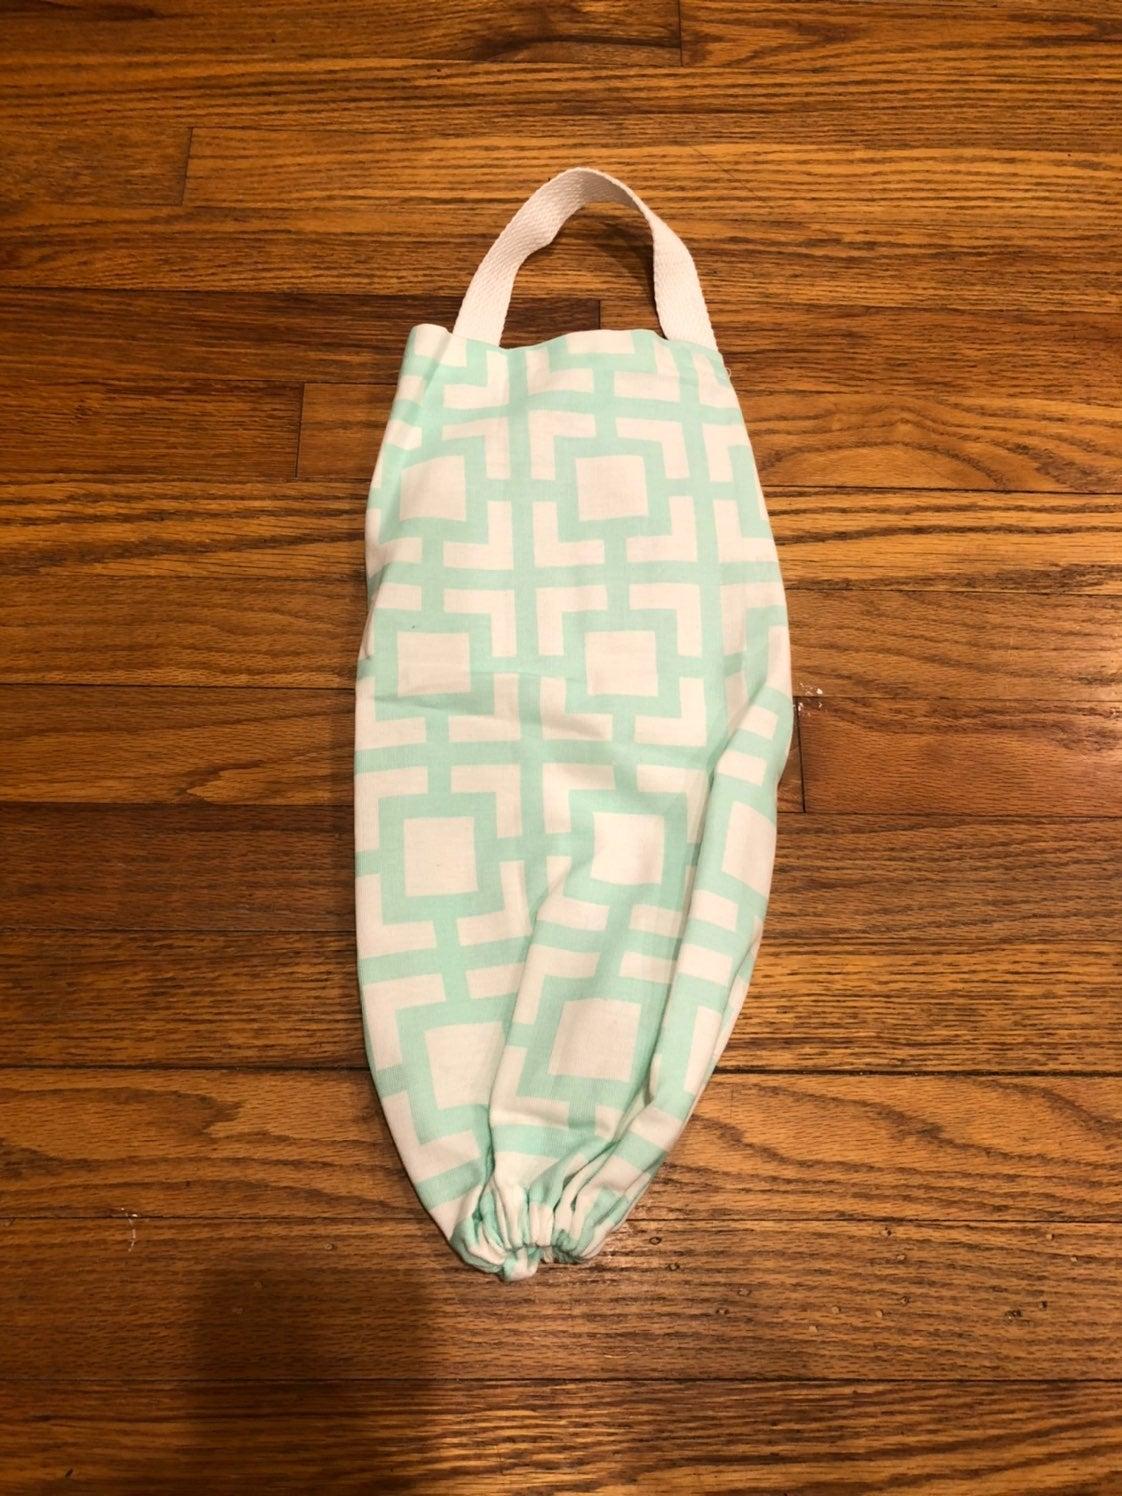 Handmade grocery bag holder